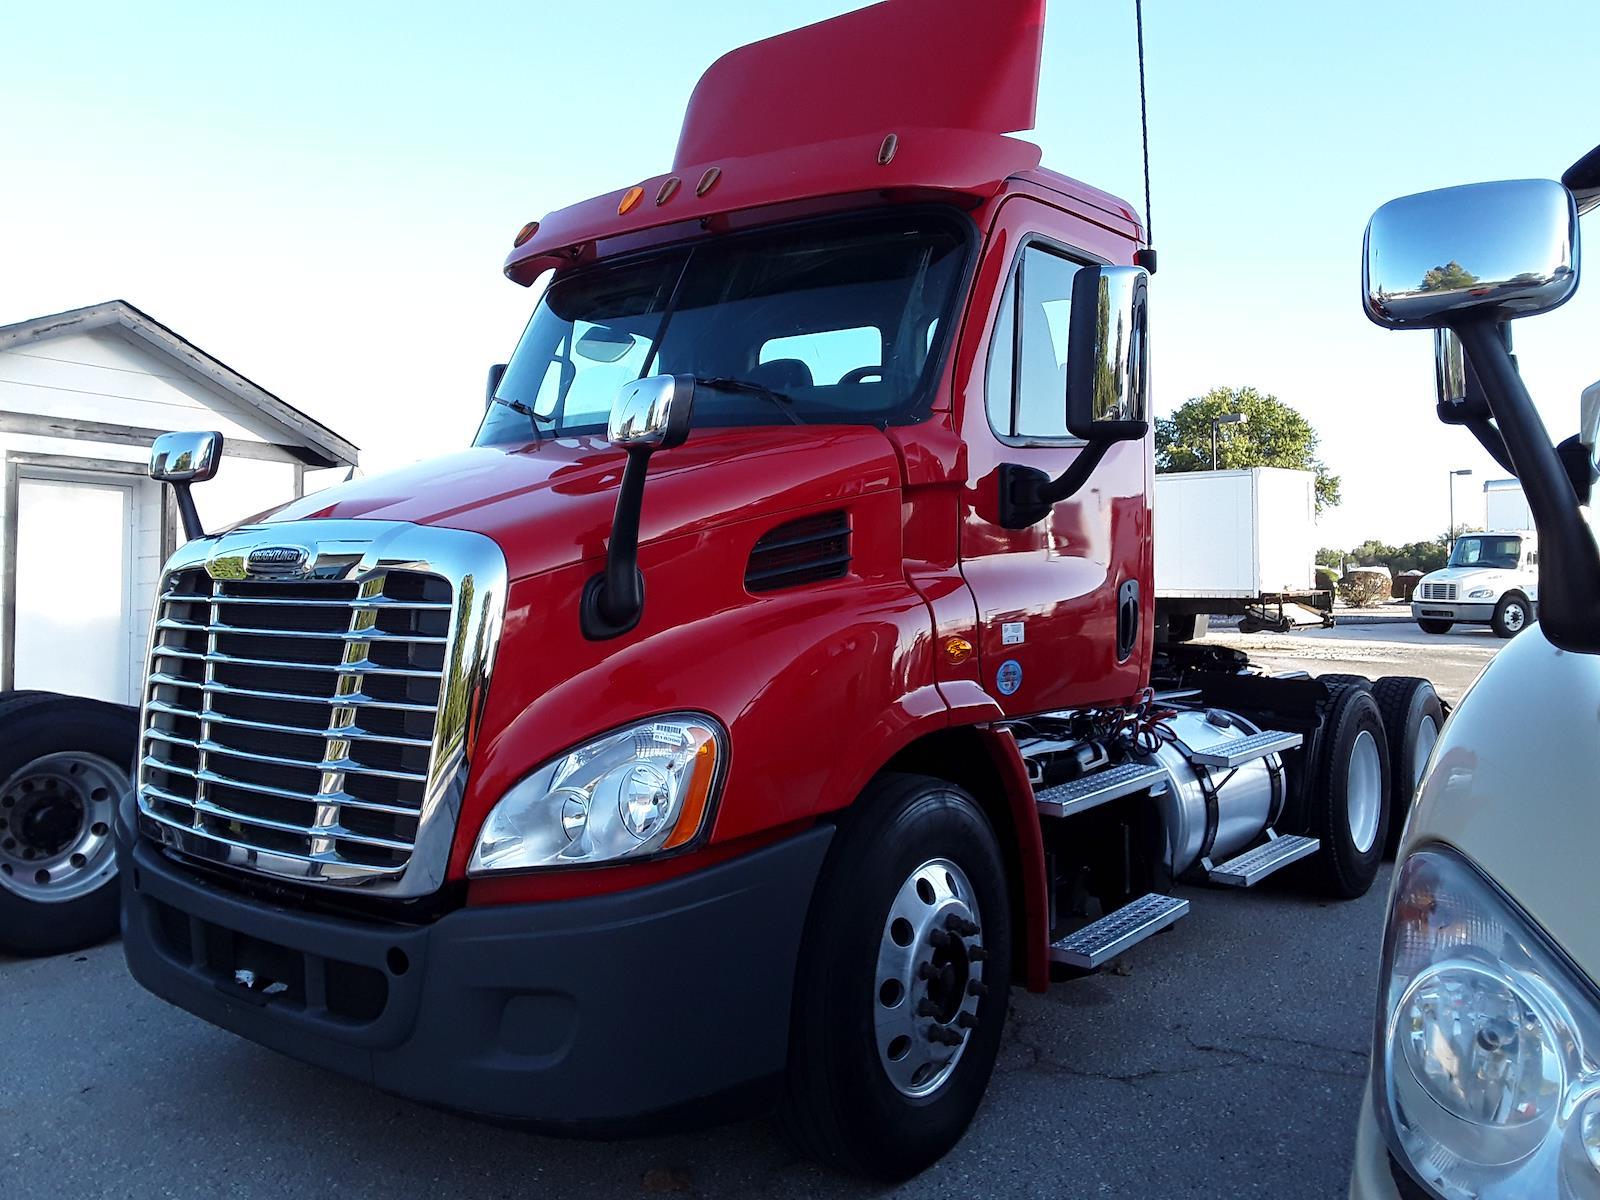 2014 Freightliner Truck 6x4, Tractor #516396 - photo 1